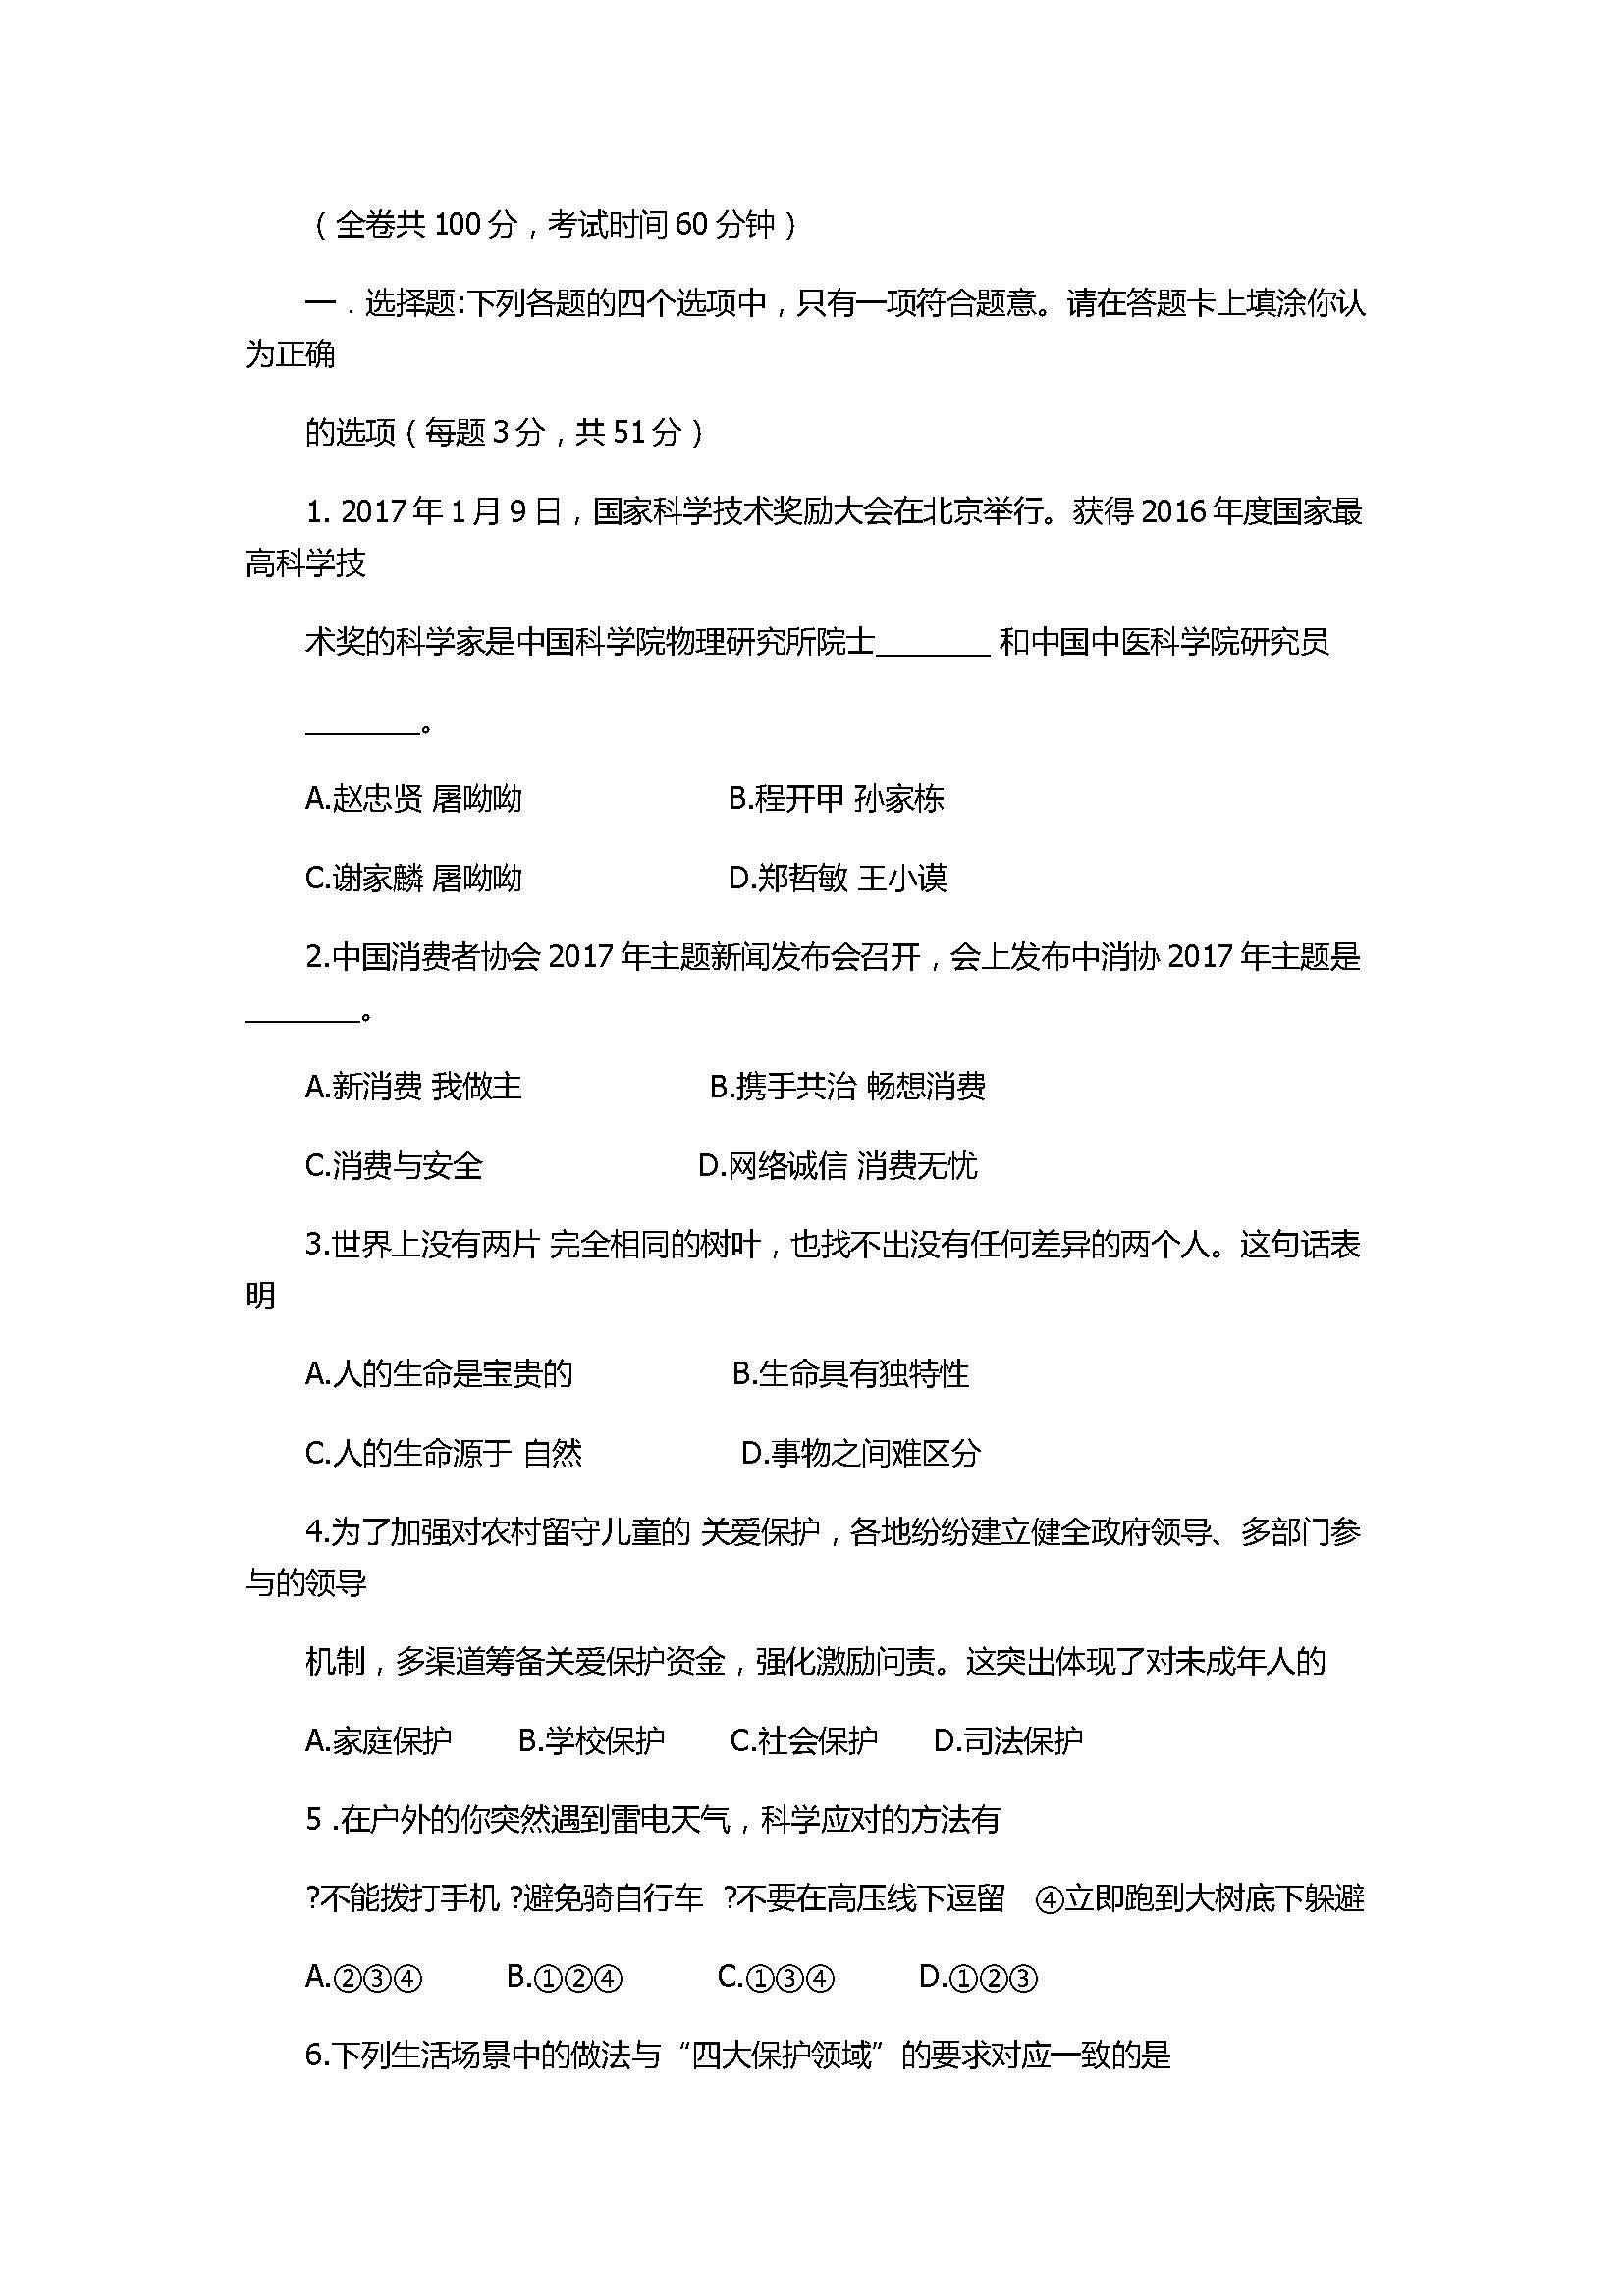 2017七年级道德与法治期末试卷附参考答案(徐州市)